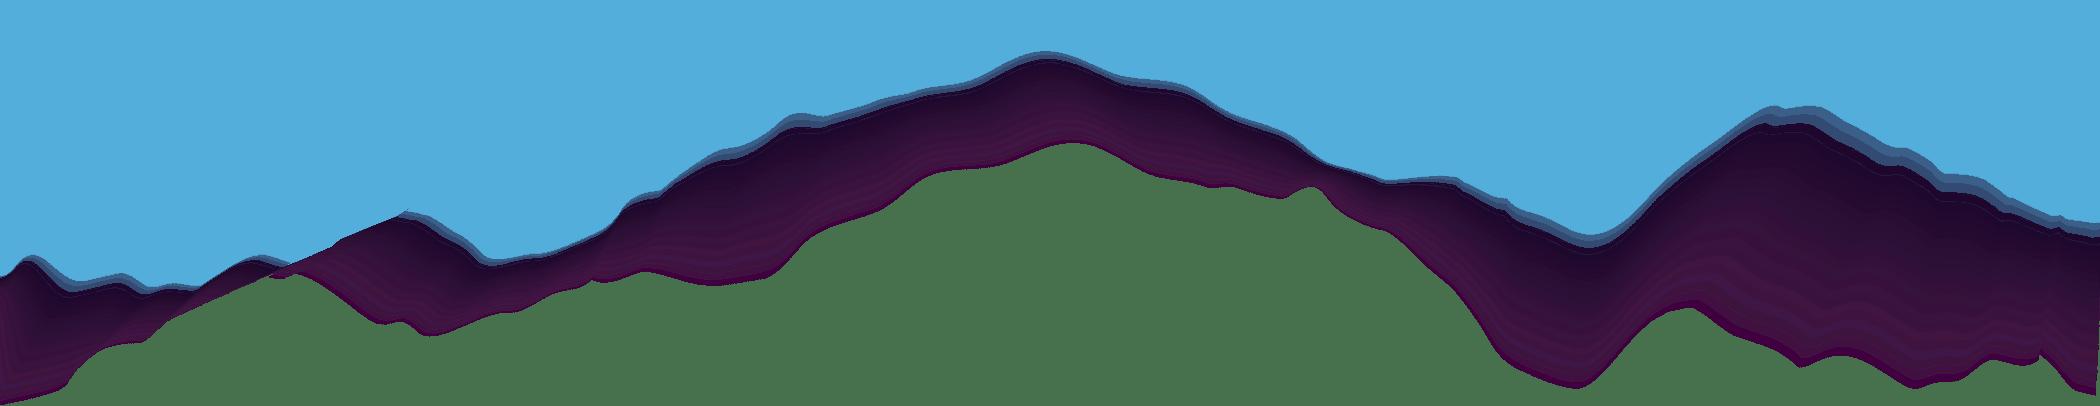 https://i0.wp.com/lucedeitarocchi.com/wp-content/uploads/2019/06/purple_top_divider3.png?fit=2100%2C406&ssl=1